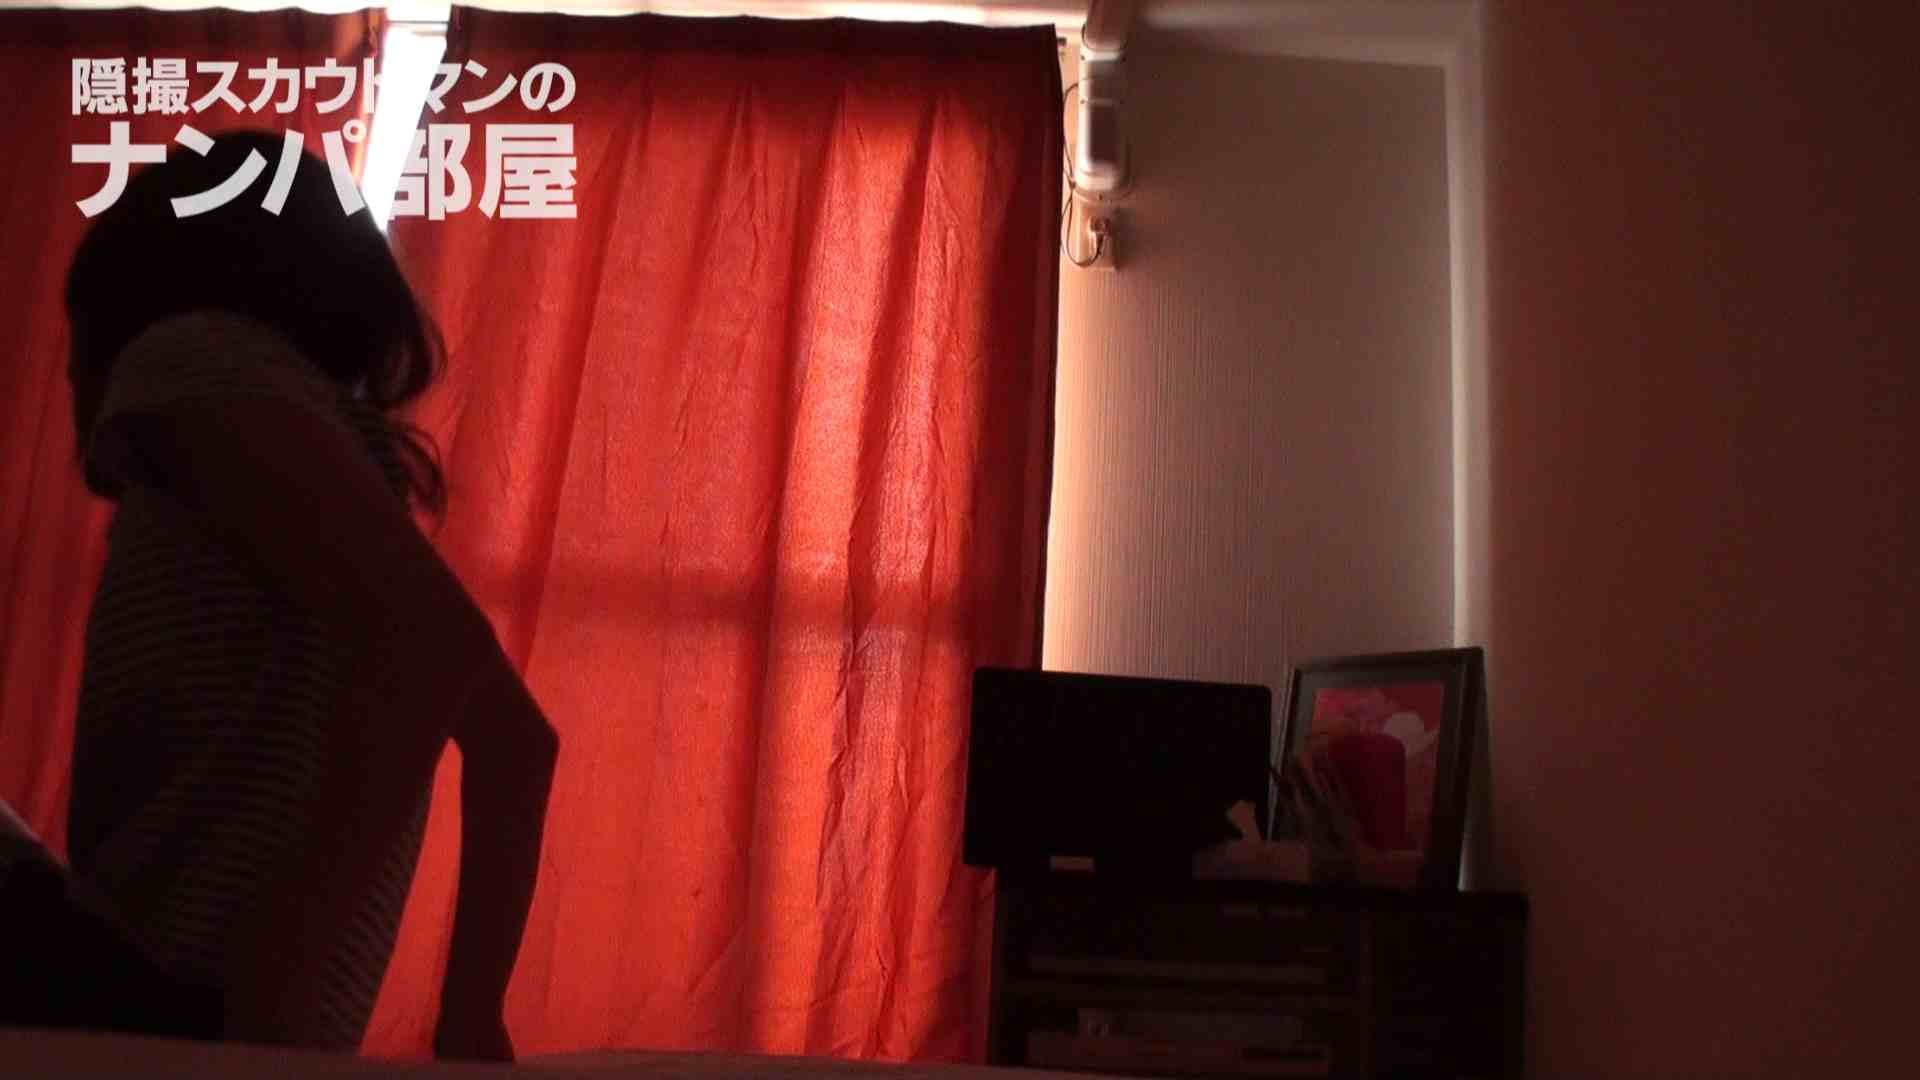 隠撮スカウトマンのナンパ部屋~風俗デビュー前のつまみ食い~ siivol.3 隠撮 | SEXプレイ  105連発 1